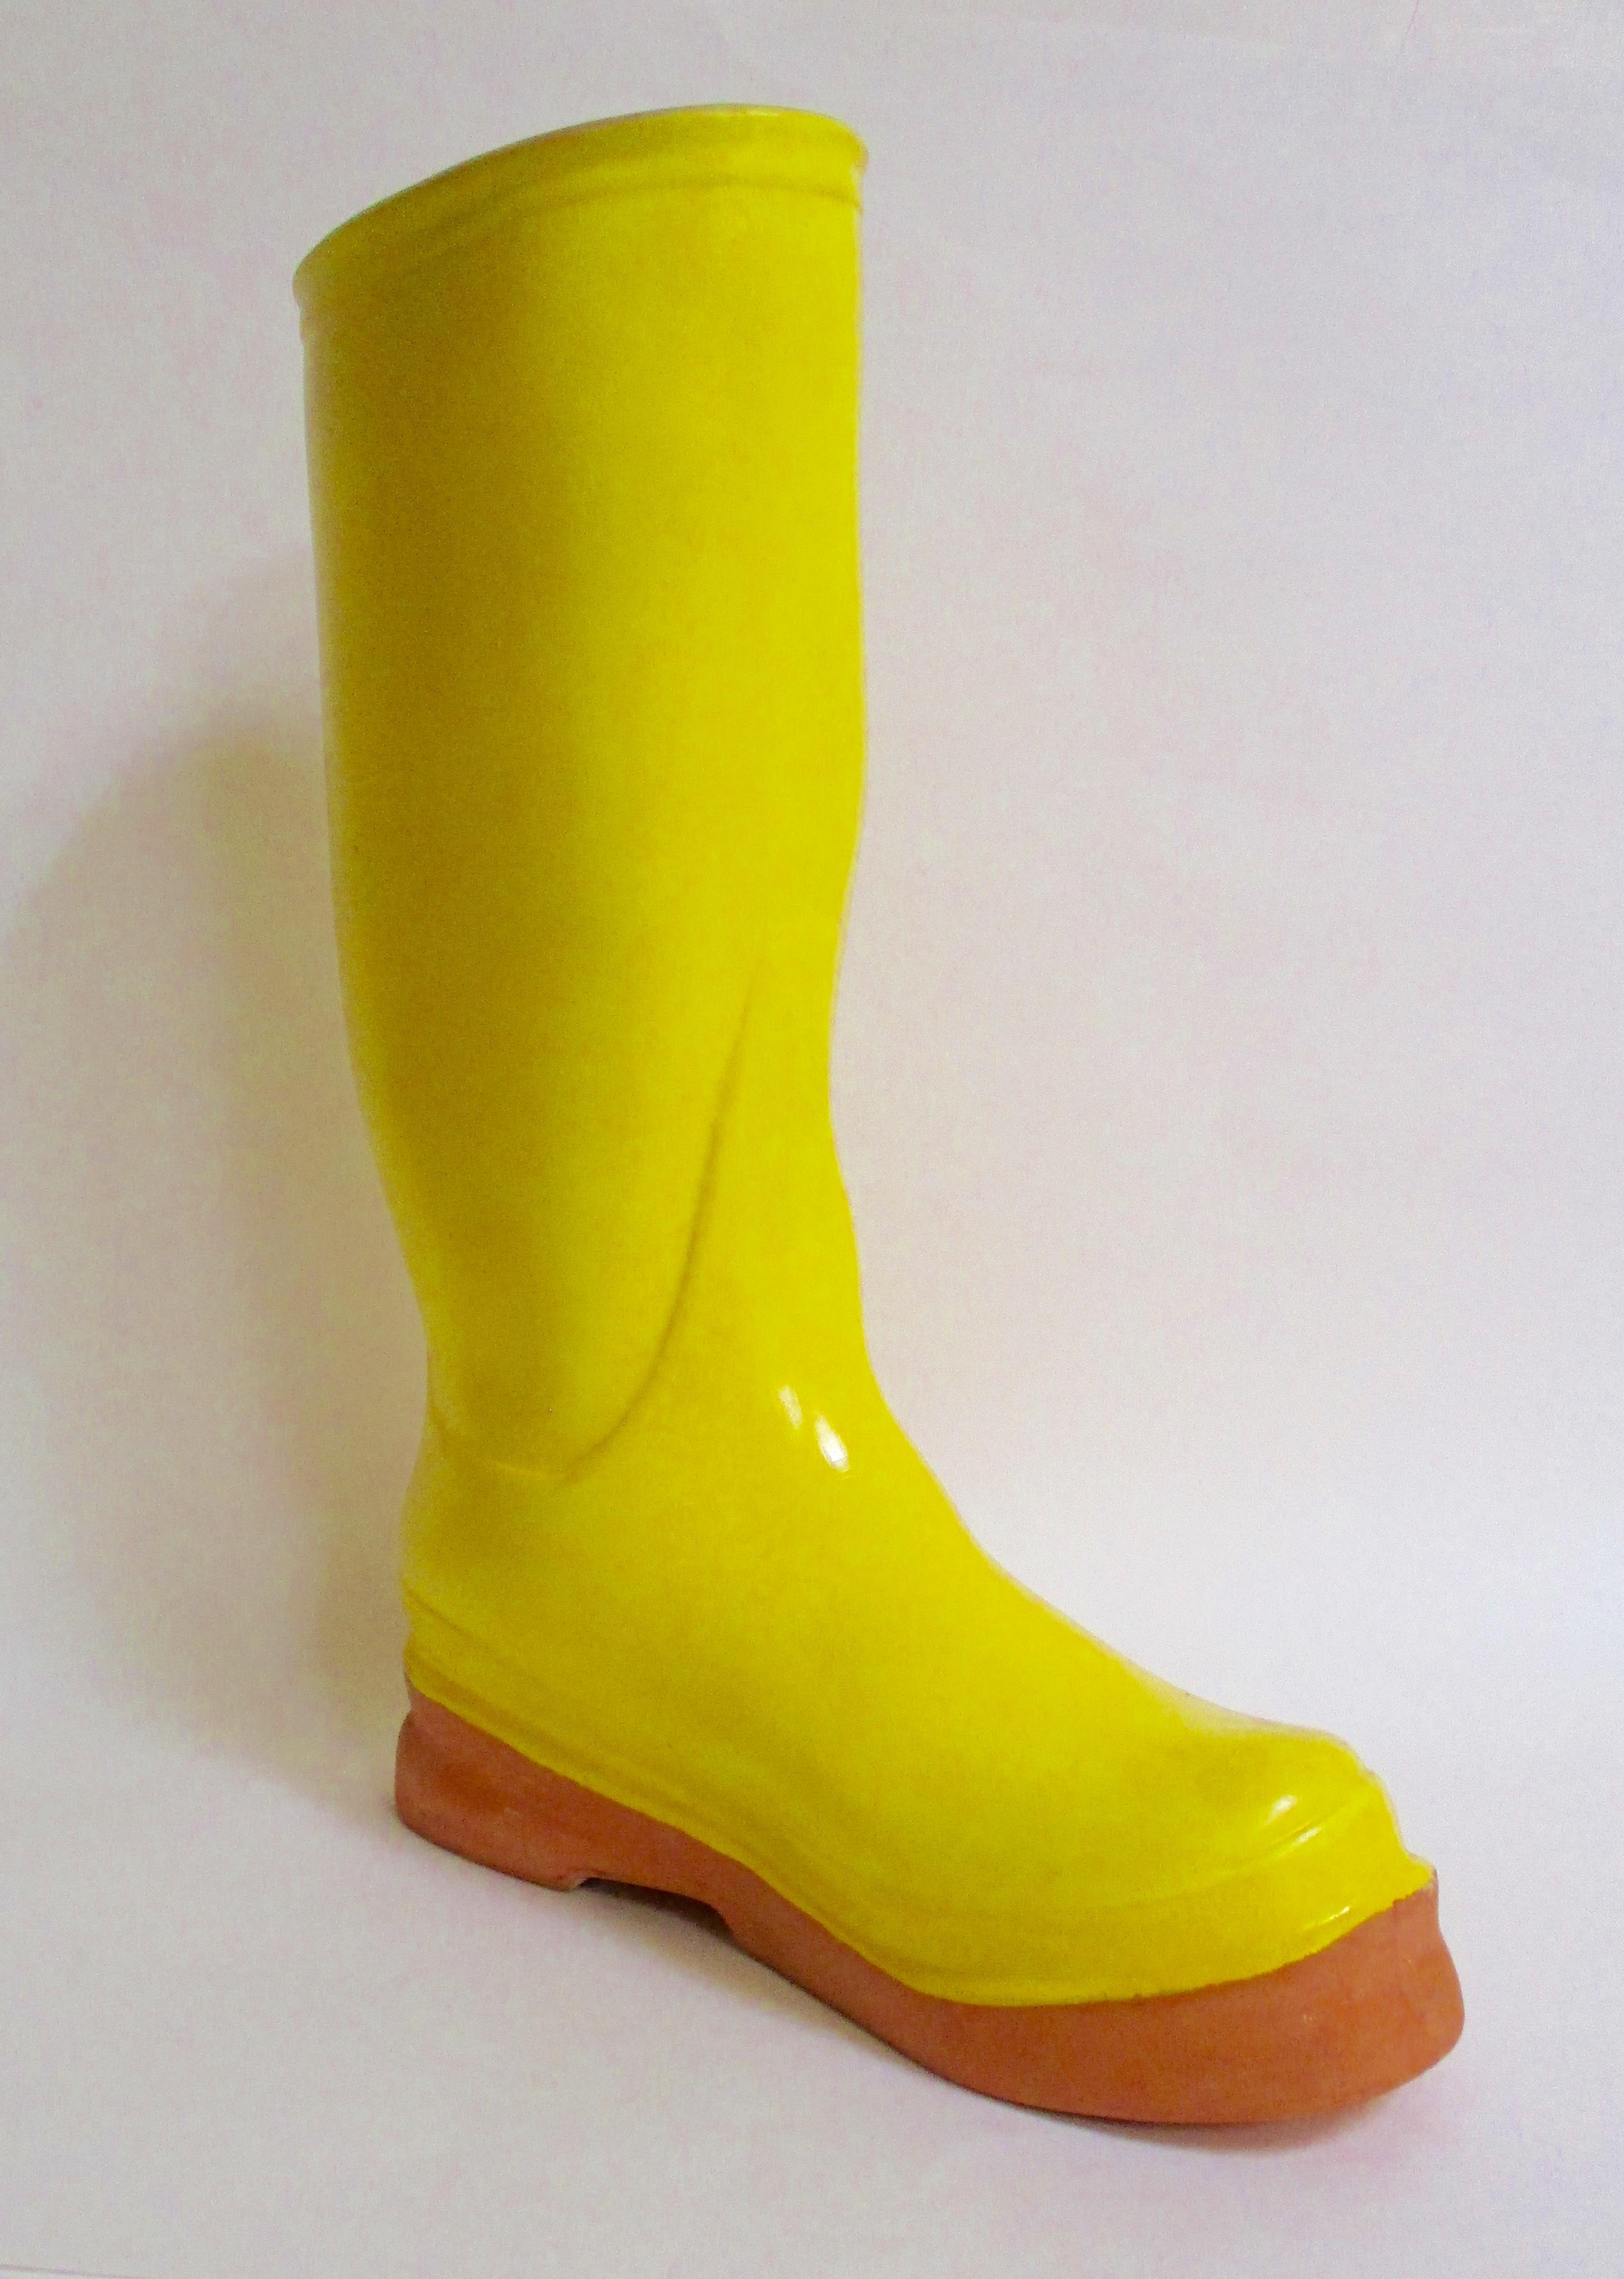 Boho Chic Yellow Ceramic Garden Boot Planter Vase Chairish